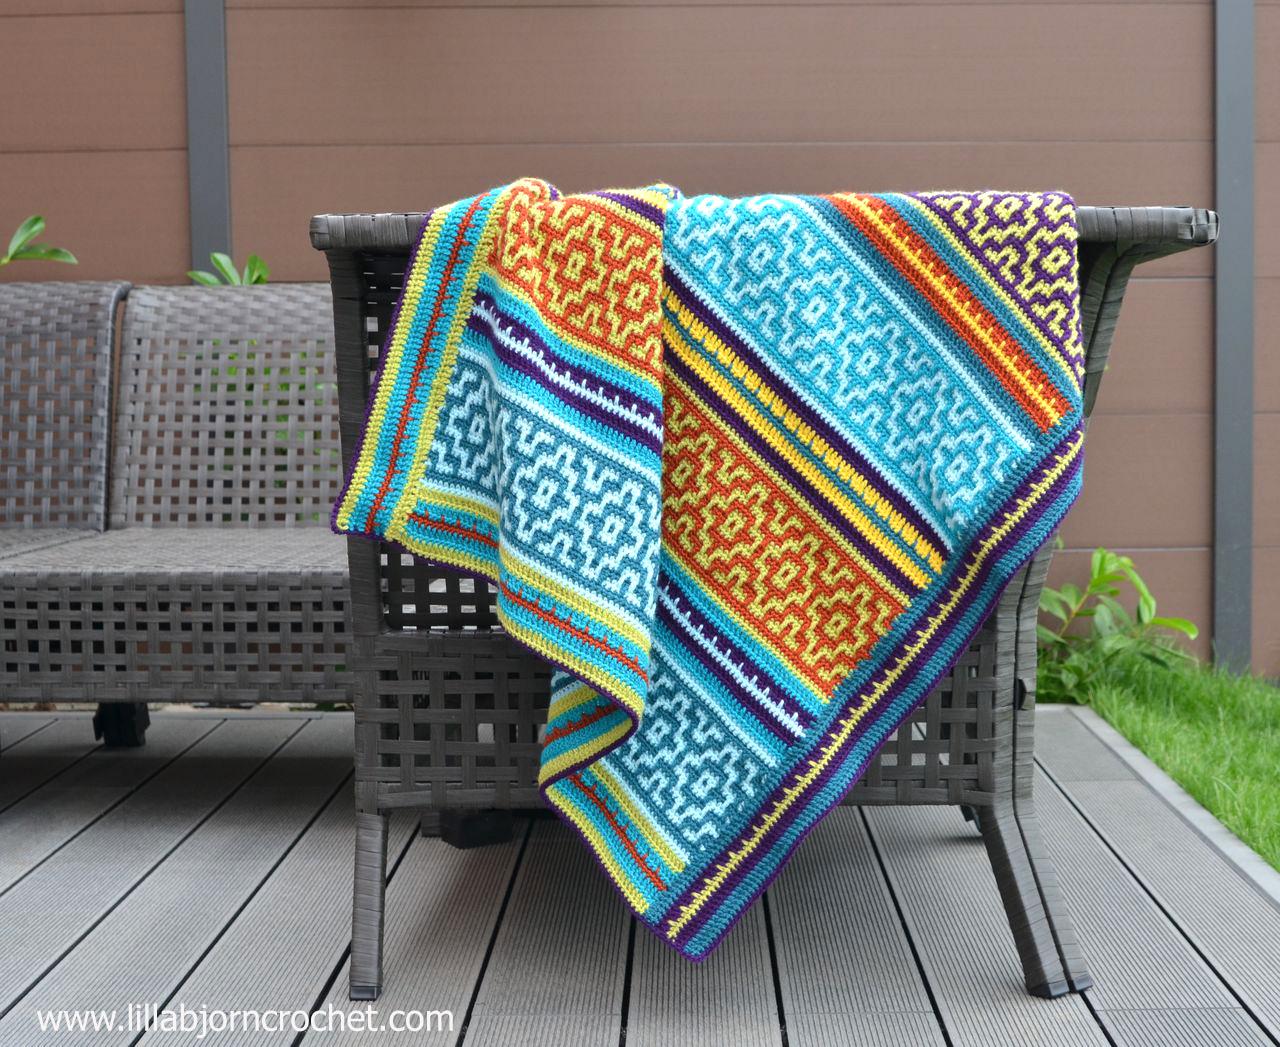 Nya Mosaic Blanket - FREE crochet pattern by www.lillabjorncrochet.com